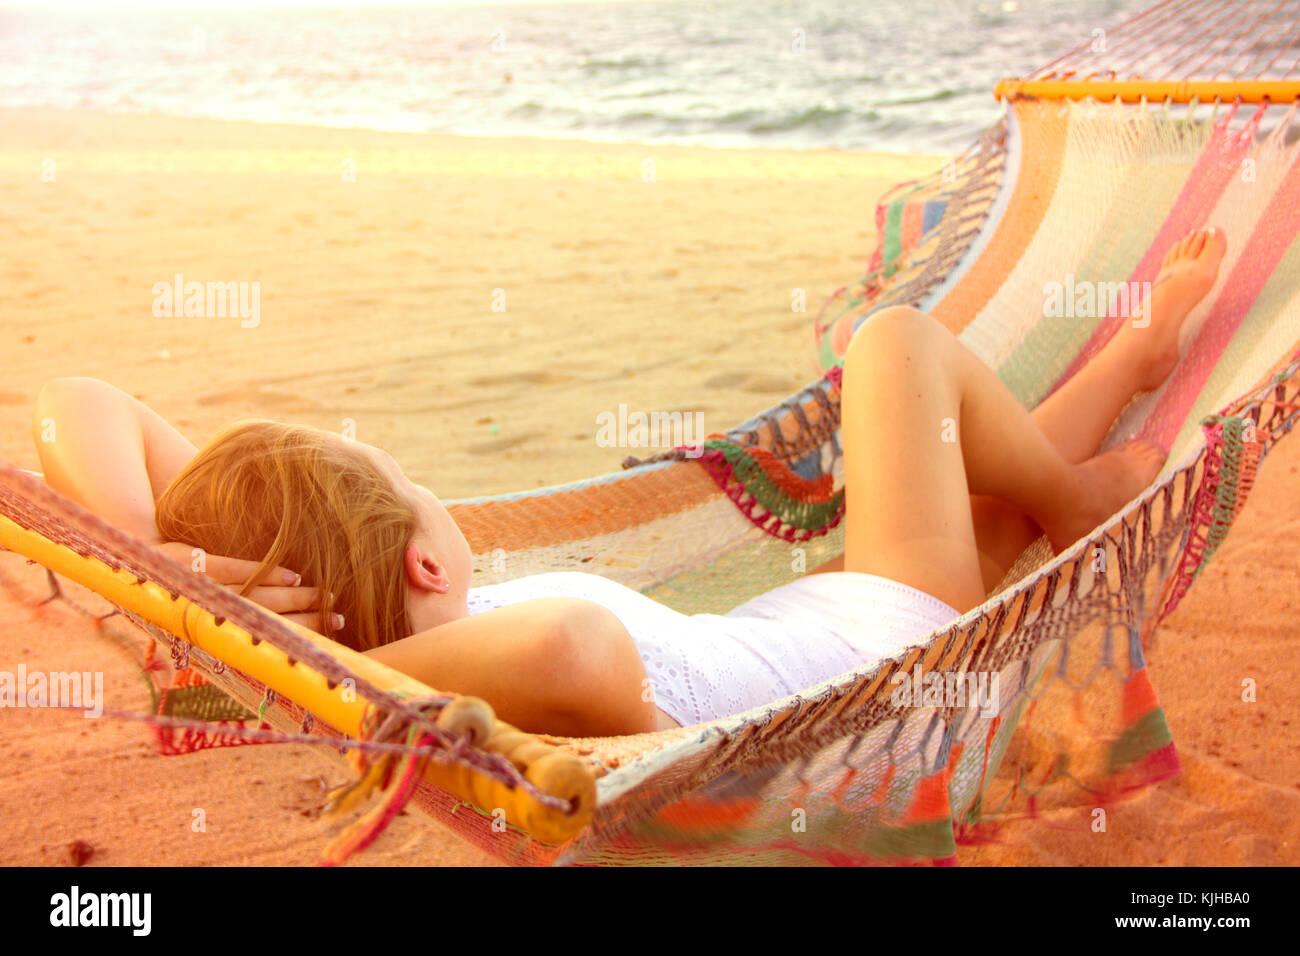 Bella ragazza in un abito bianco in un'amaca sulla spiaggia, beatamente in ammollo il luminoso sole estivo. Immagini Stock